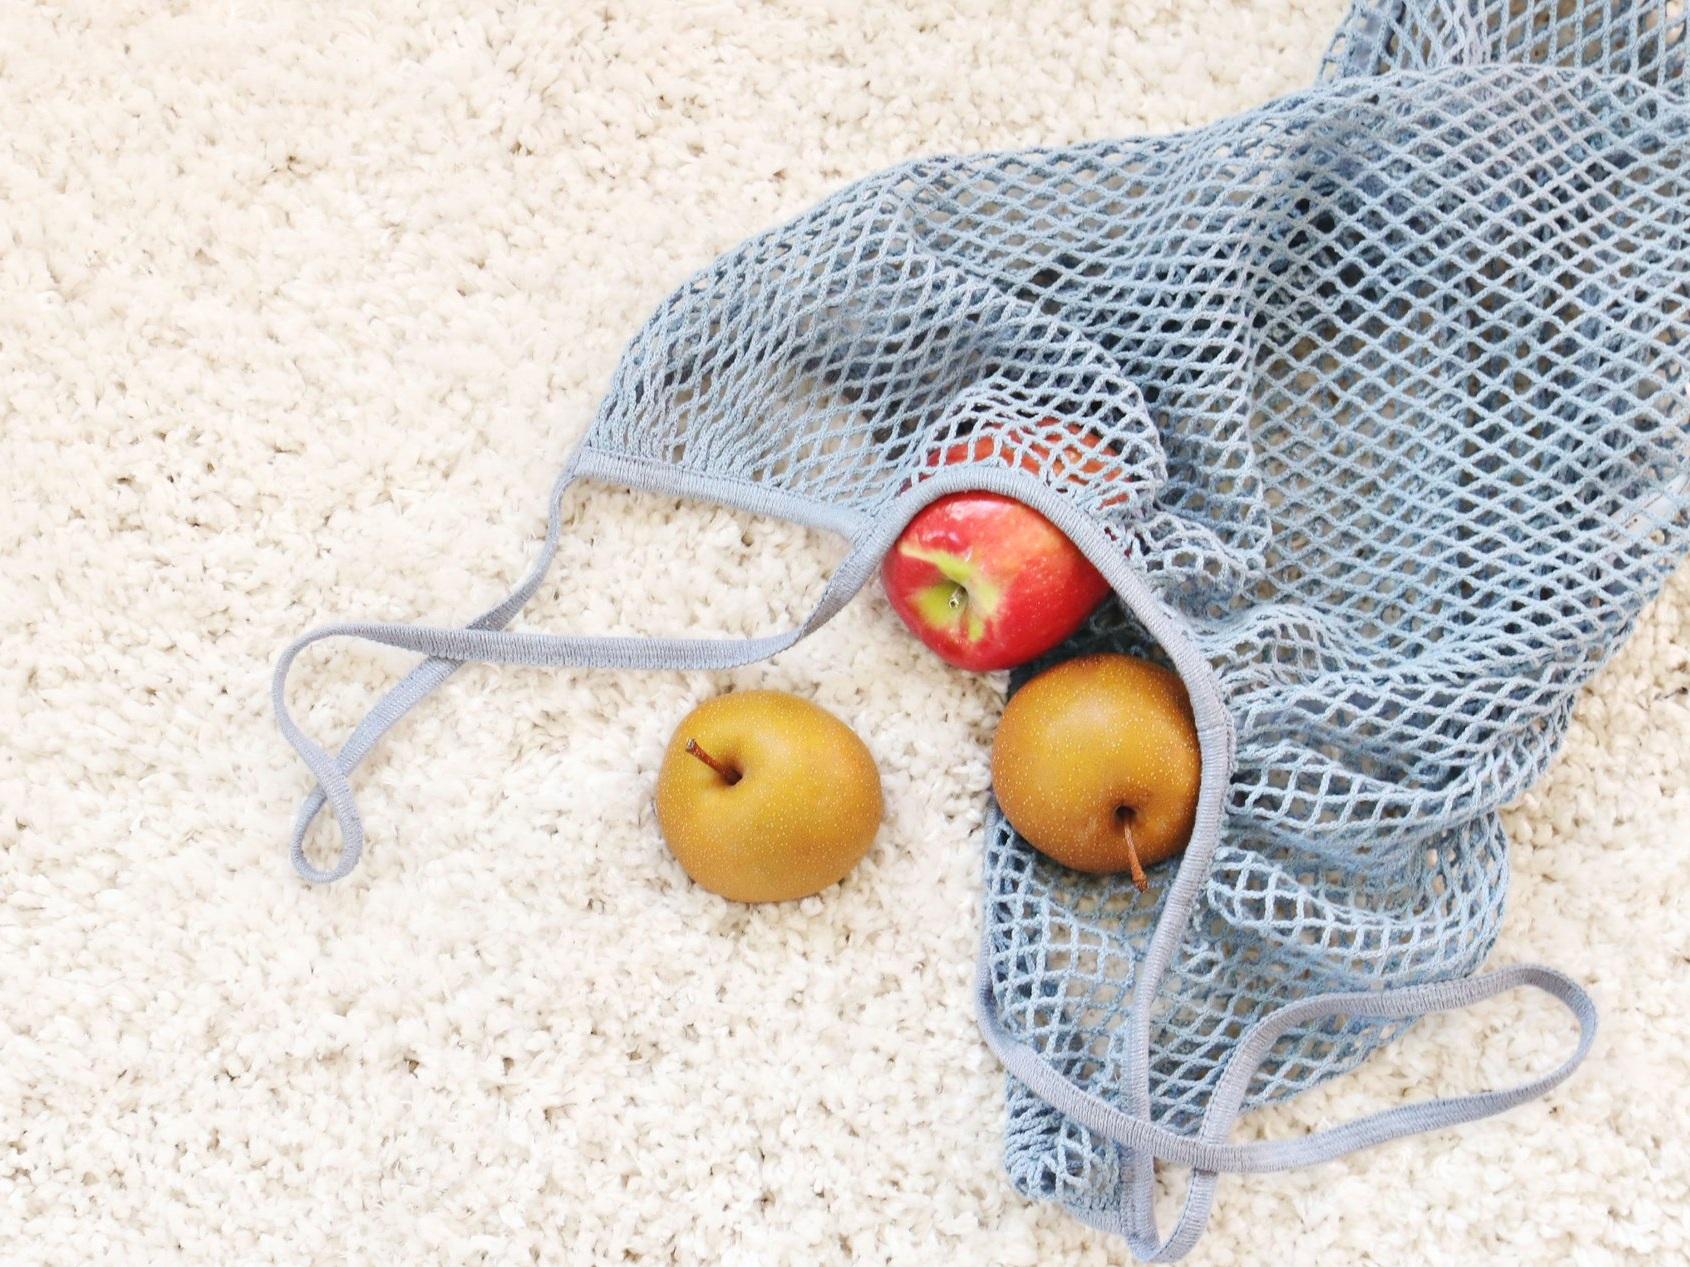 apple-asian-pears-carpet-1527004.jpg